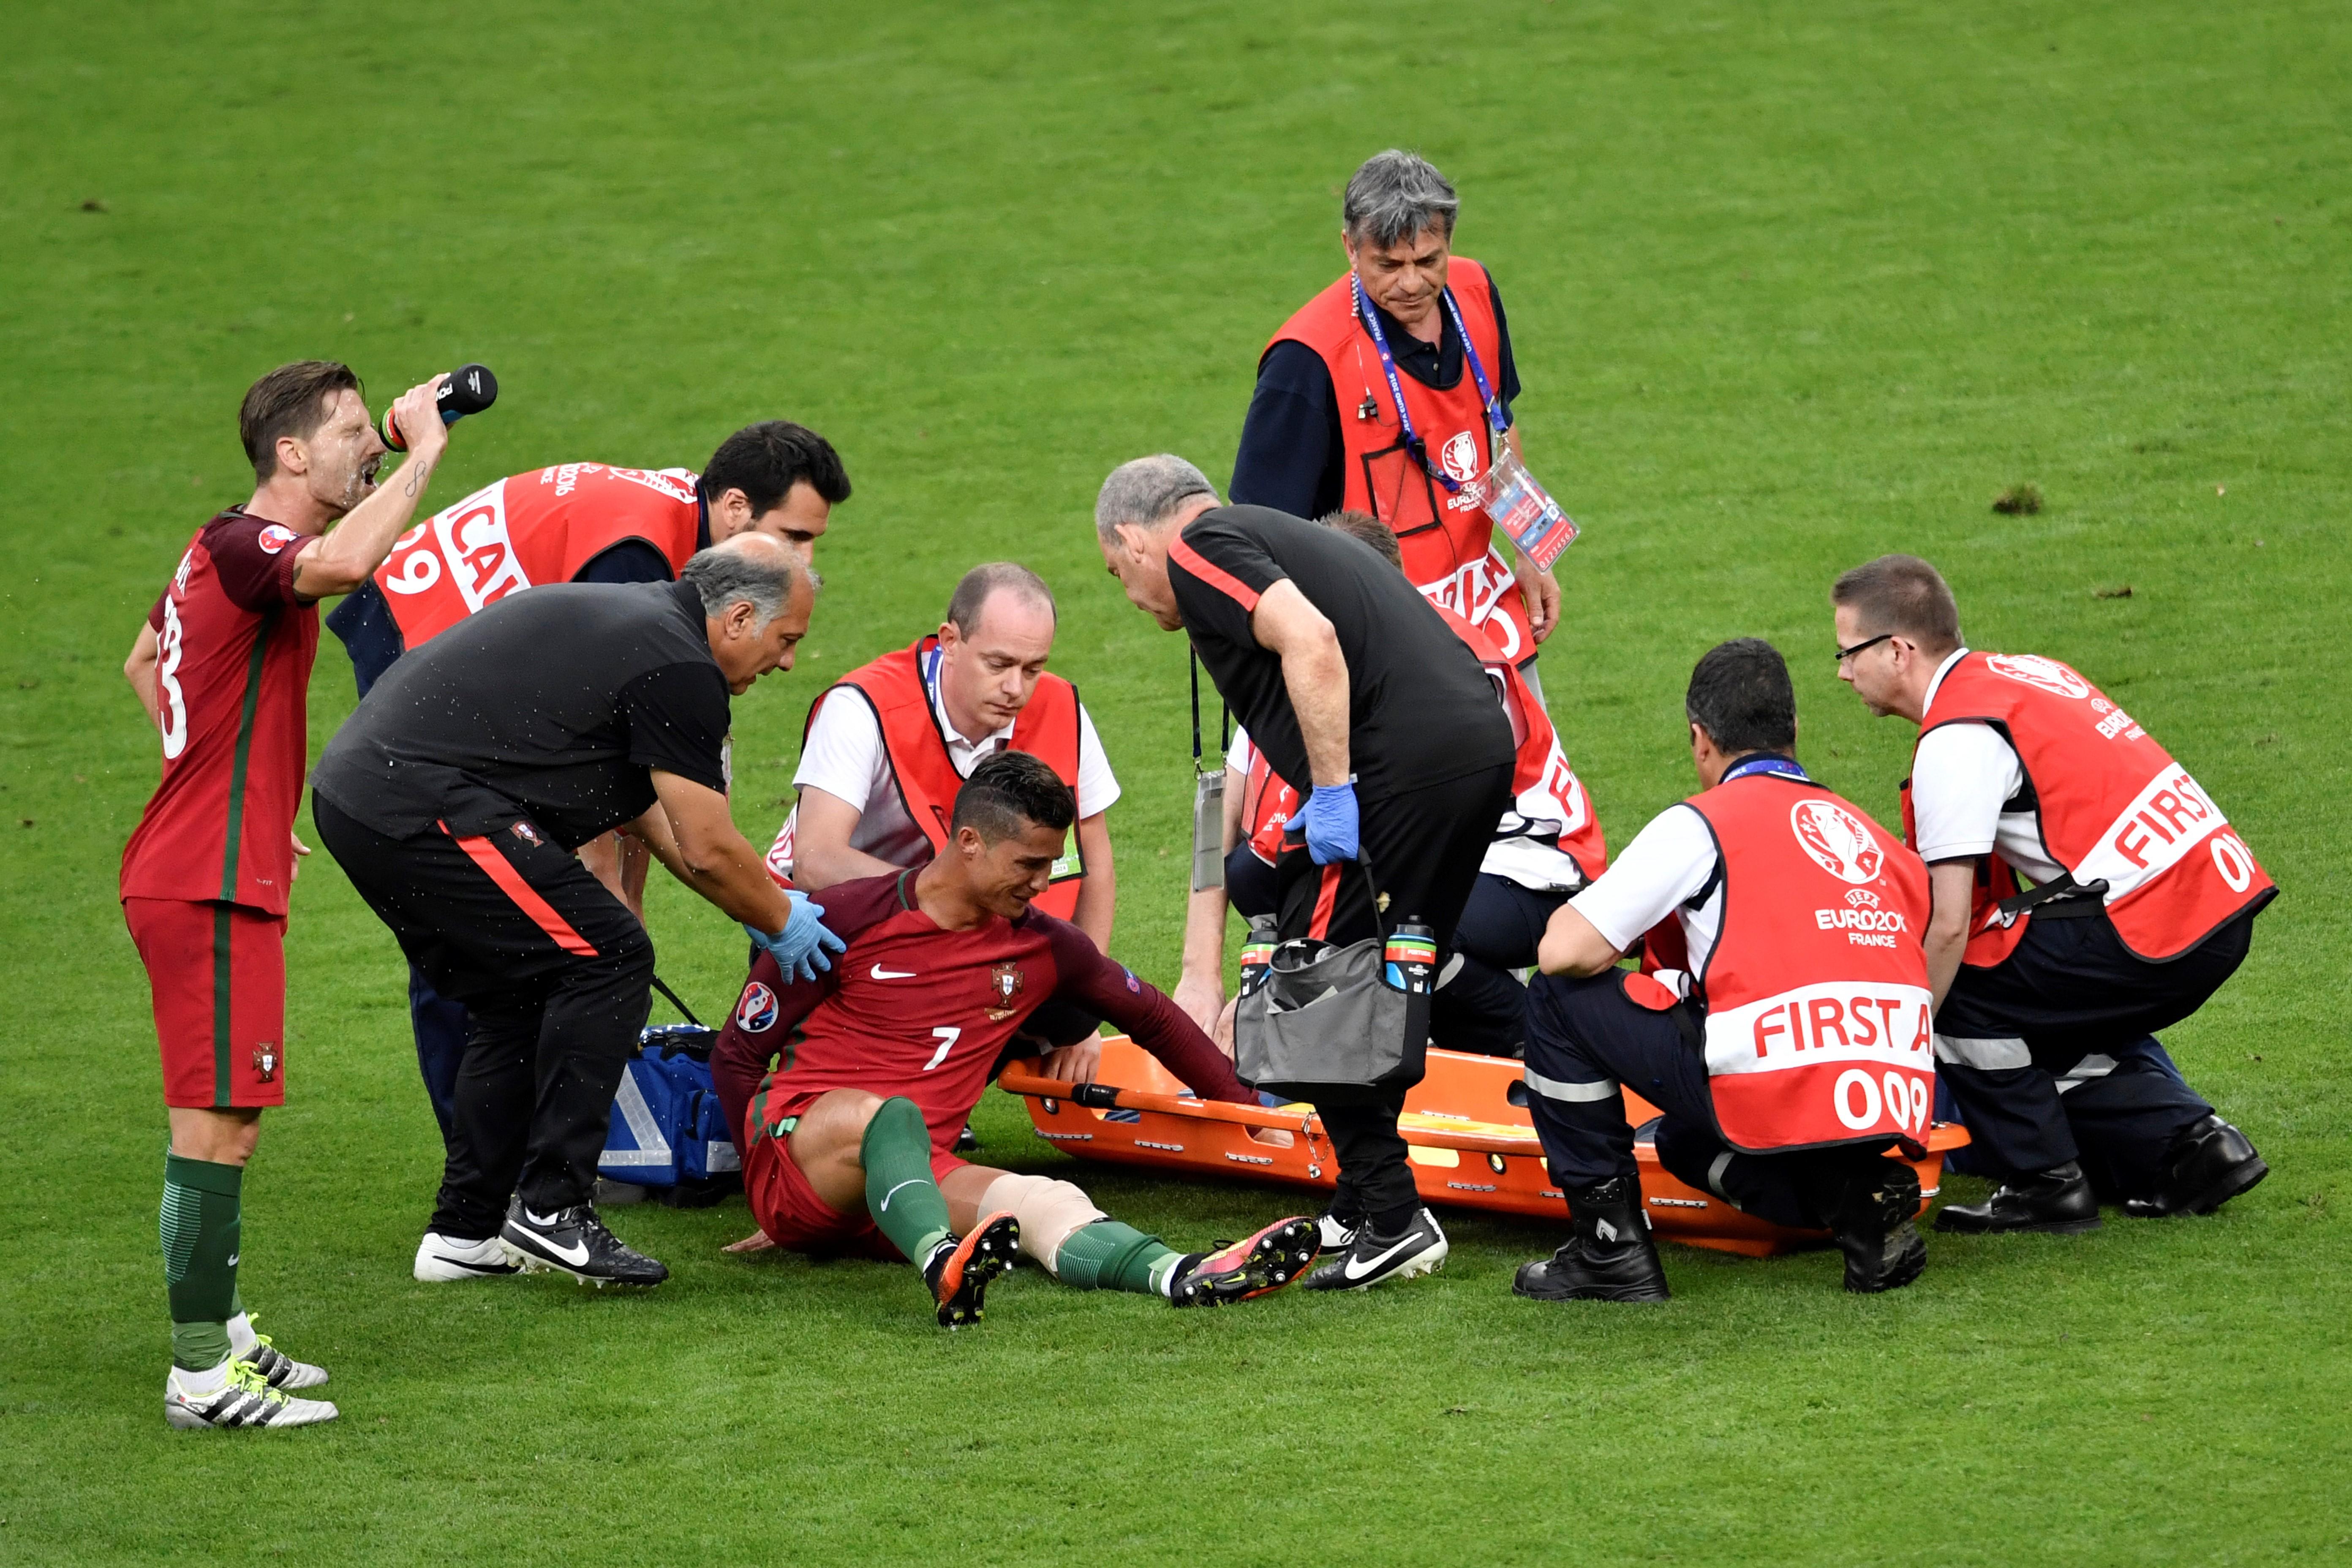 葡萄牙前鋒C.朗受傷後醫務人員準備將其抬上擔架。(PHILIPPE LOPEZ/AFP)